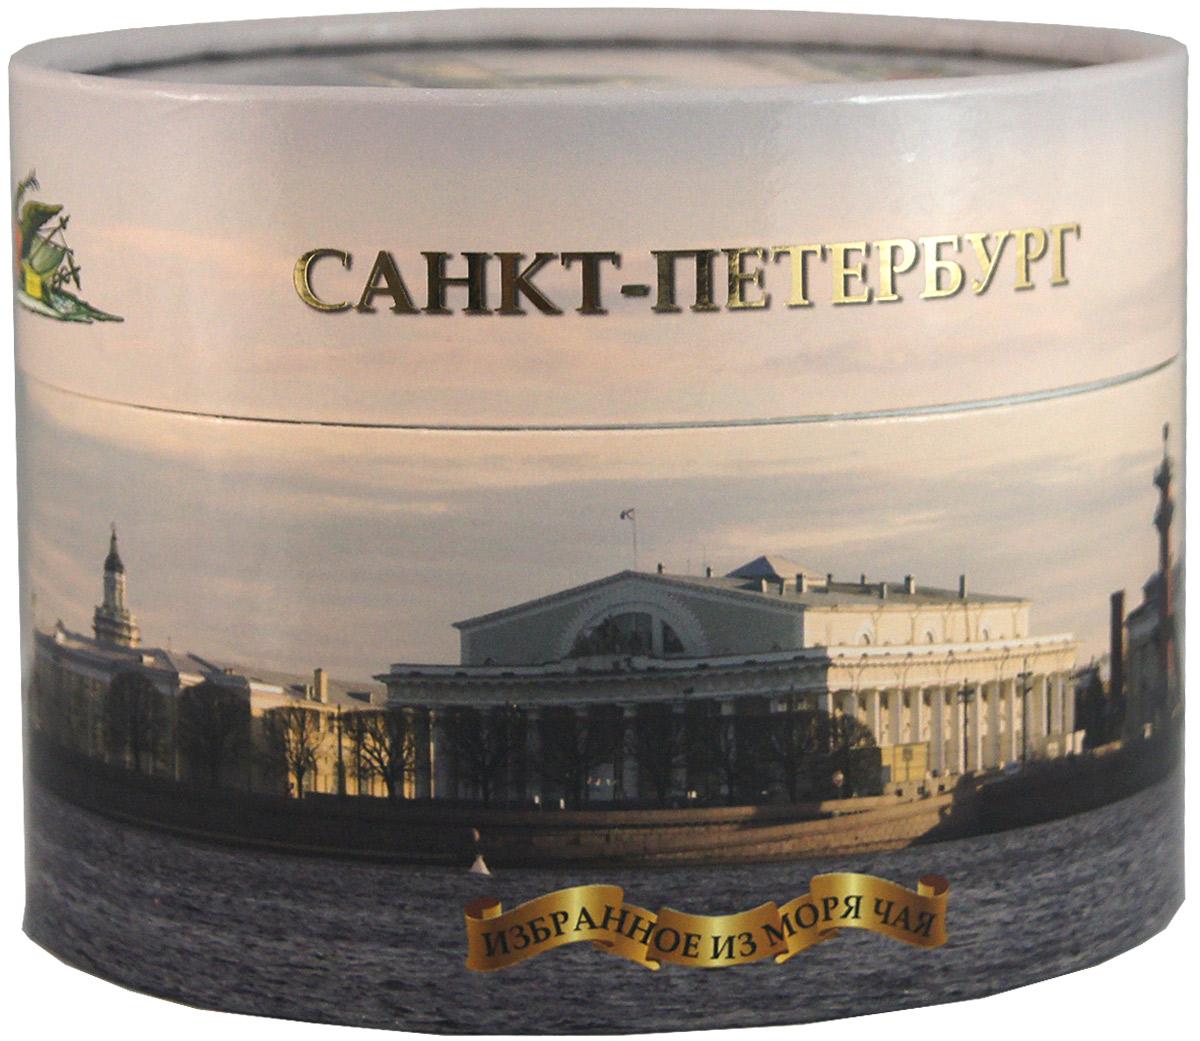 Избранное из моря чая Панорама Петербурга чай черный листовой, 75 г4791029010694Черный листовой чай Избранное из моря чая Мяч Зенит поставляется в овальной картонной коробке с видами Санкт-Петербурга.Чай стандарта ОРА (крупный лист). Листья для этого чая собирают с кустов после того, как почки полностью раскрываются. В сухой заварке листья должны быть крупными (от 8 до 15 мм) и однородными. Этот сорт практически не содержит типсов, но имеет высокое содержание ароматических масел, и поэтому настой чая очень ароматен. Также этот чай характерен вкусом с горчинкой благодаря большому содержанию дубильных веществ.Знак в виде Льва с 17 пятнышками на шкуре - это гарантия Бюро Цейлонского Чая на соответствие чая высокому стандарту качества, установленному Правительством и упакованному только в пределах Шри-Ланки.Всё о чае: сорта, факты, советы по выбору и употреблению. Статья OZON Гид